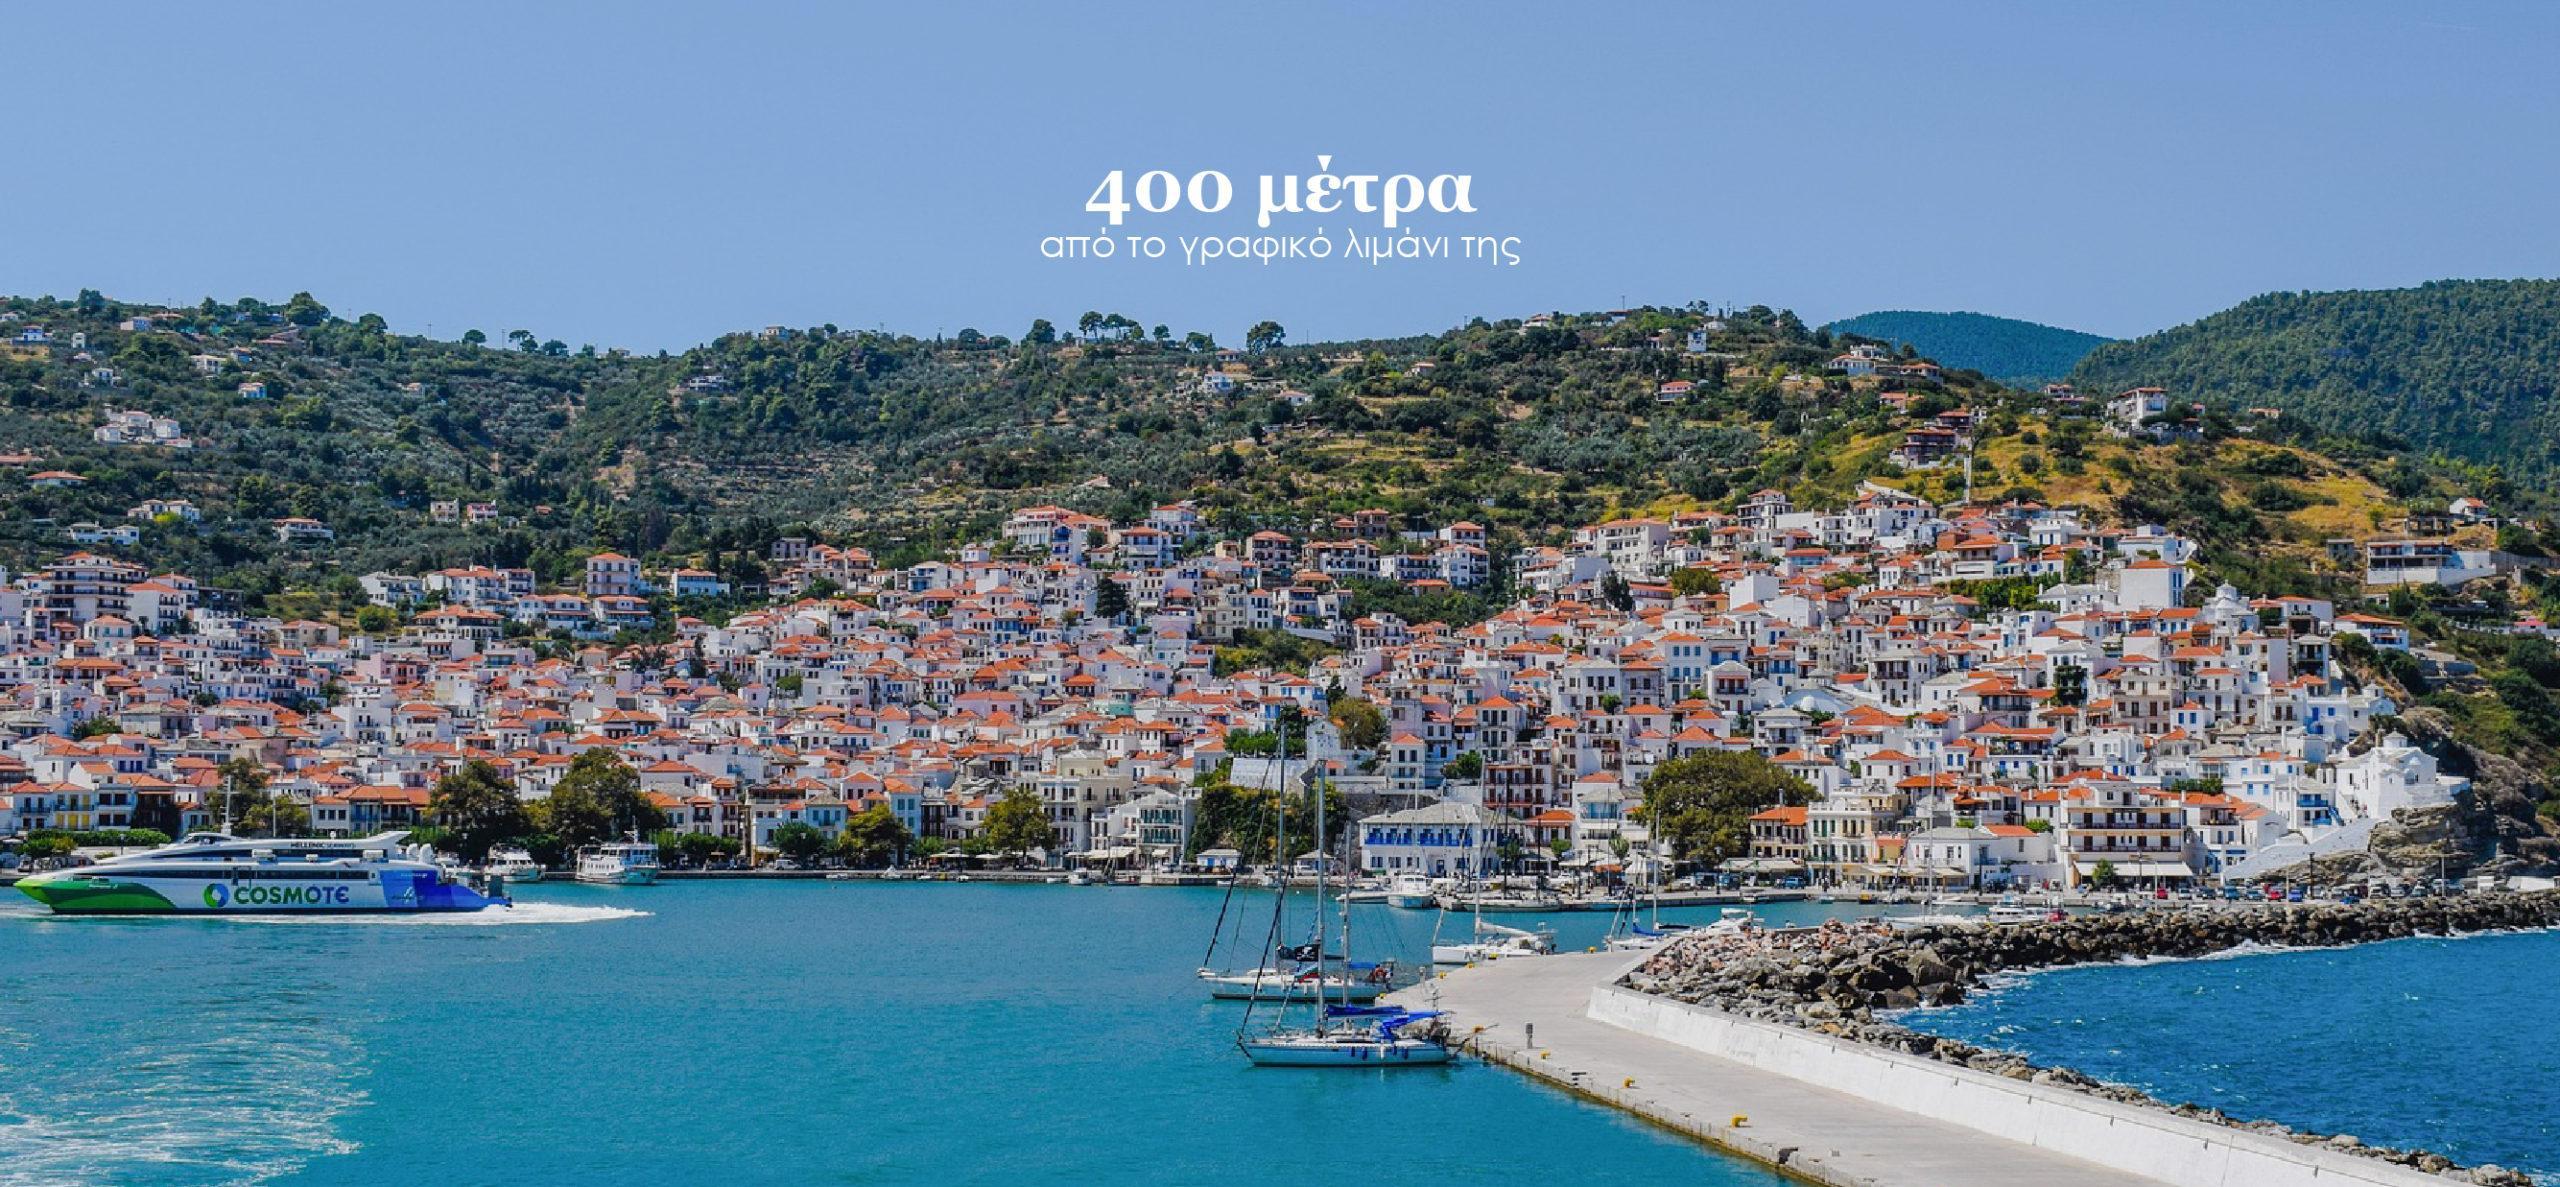 Rigas Hotel Skopelos 400 Μέτρα Από Το Λιμάνι Της Σκοπέλου